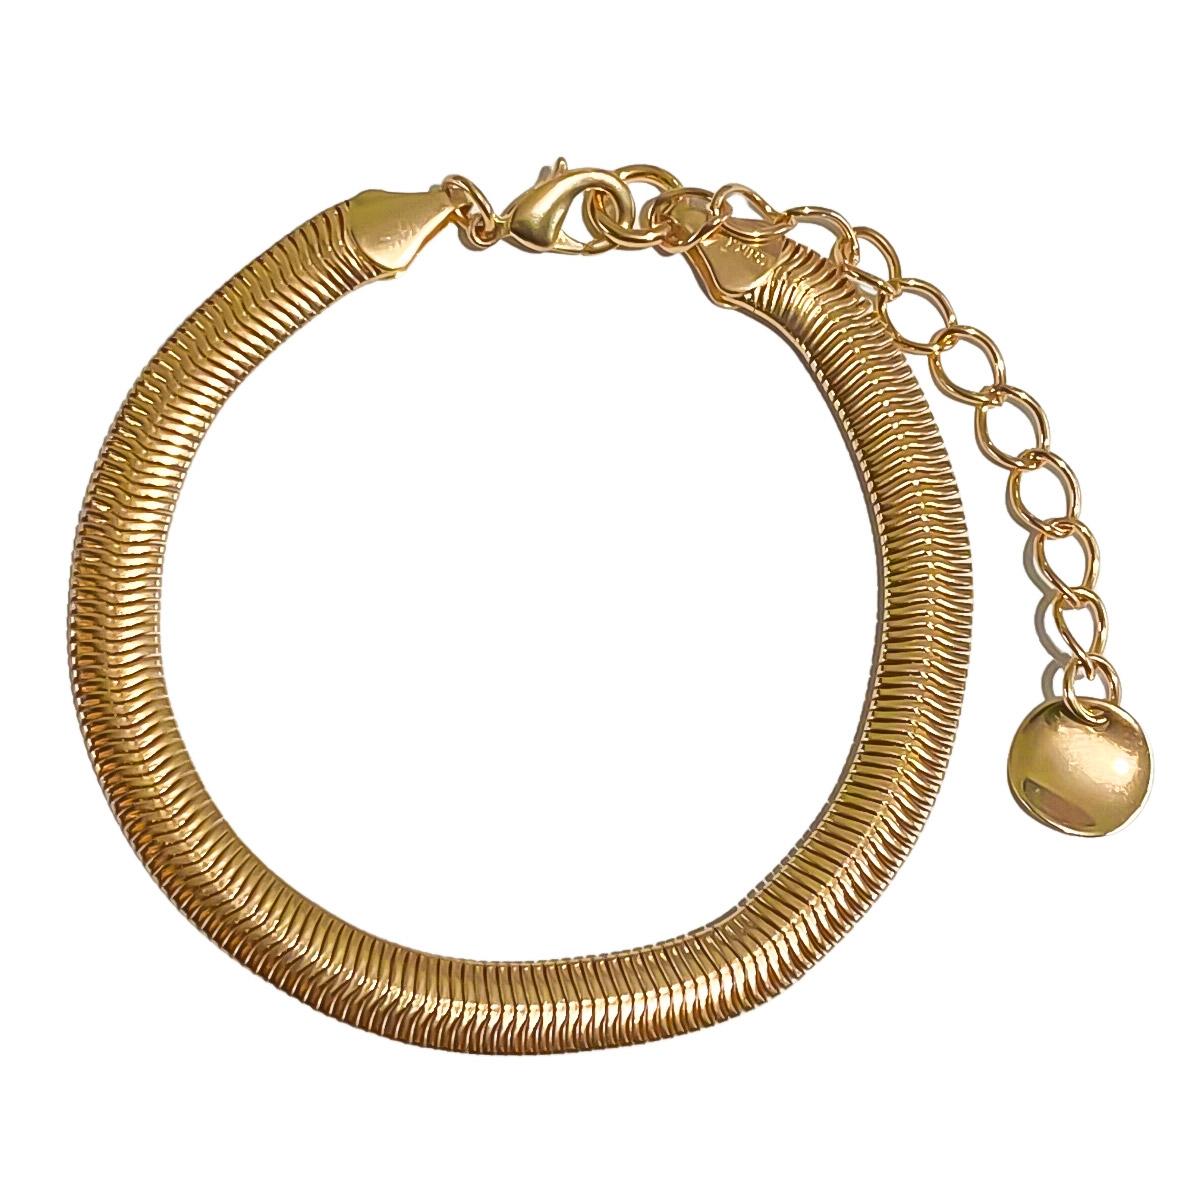 Pulseira Com Escamas De Cobras 17 Cm Folheado Em Ouro